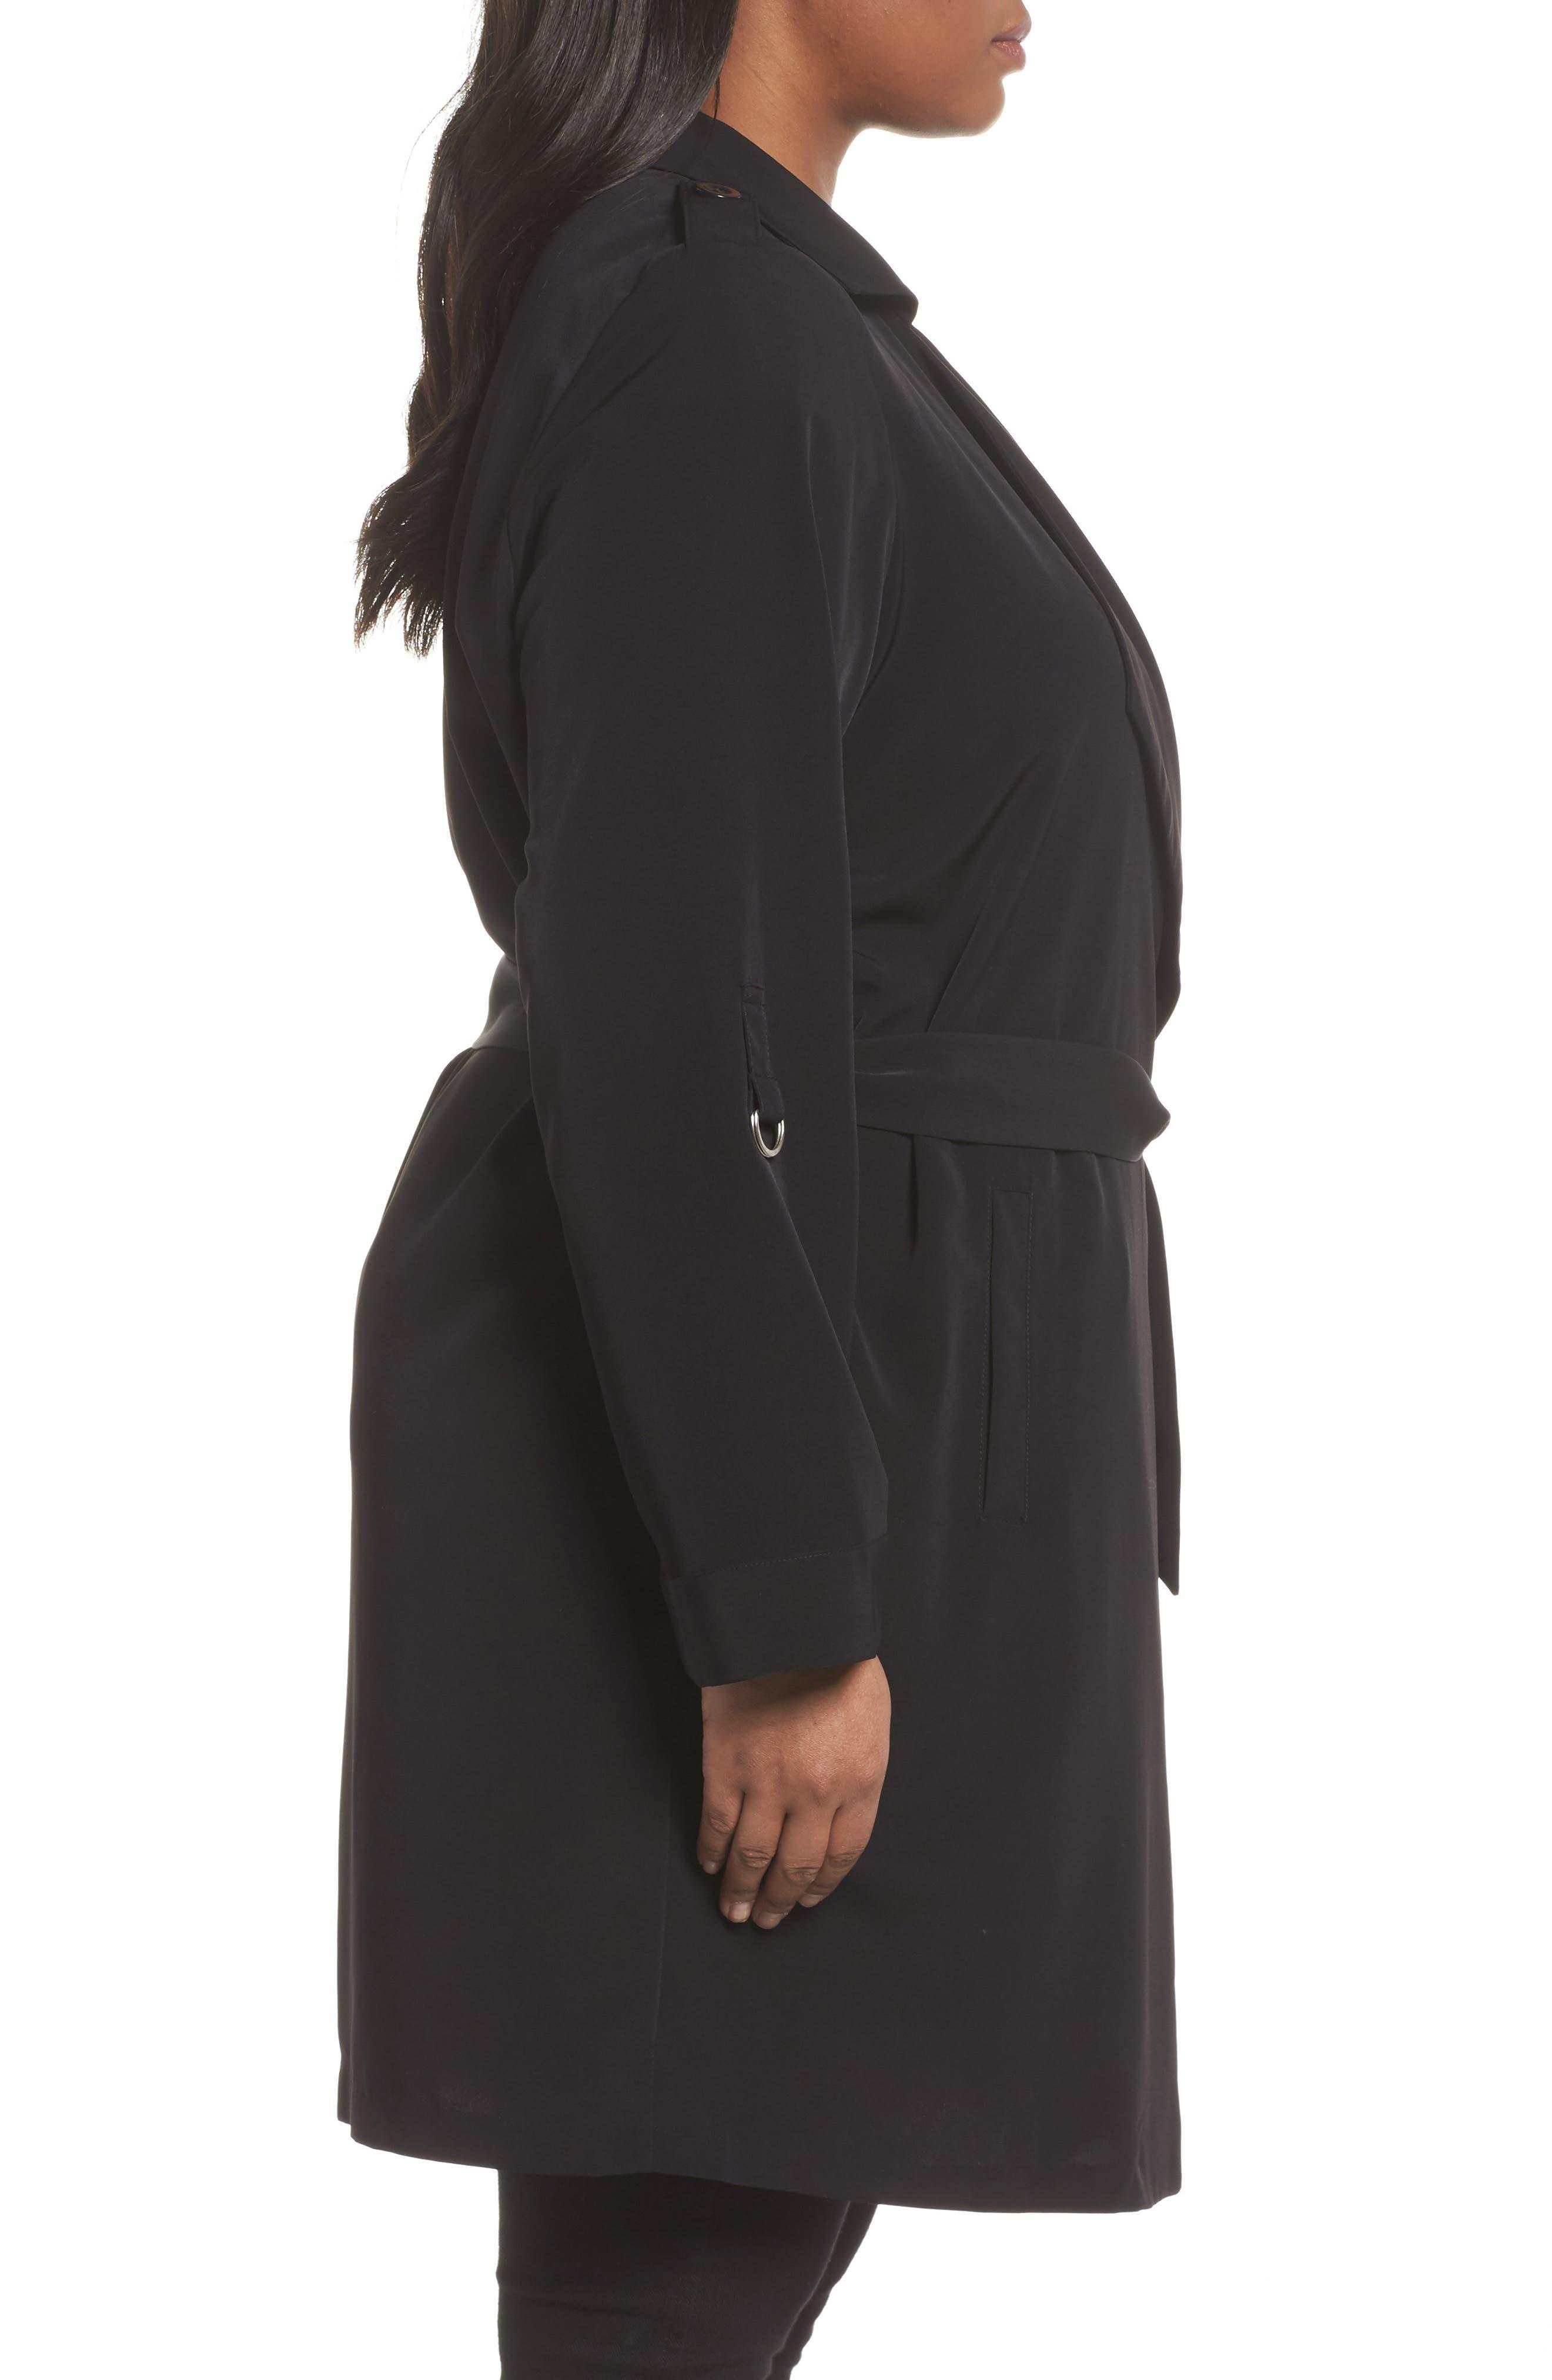 Kaiza Trench Coat,                             Alternate thumbnail 3, color,                             Black Beauty